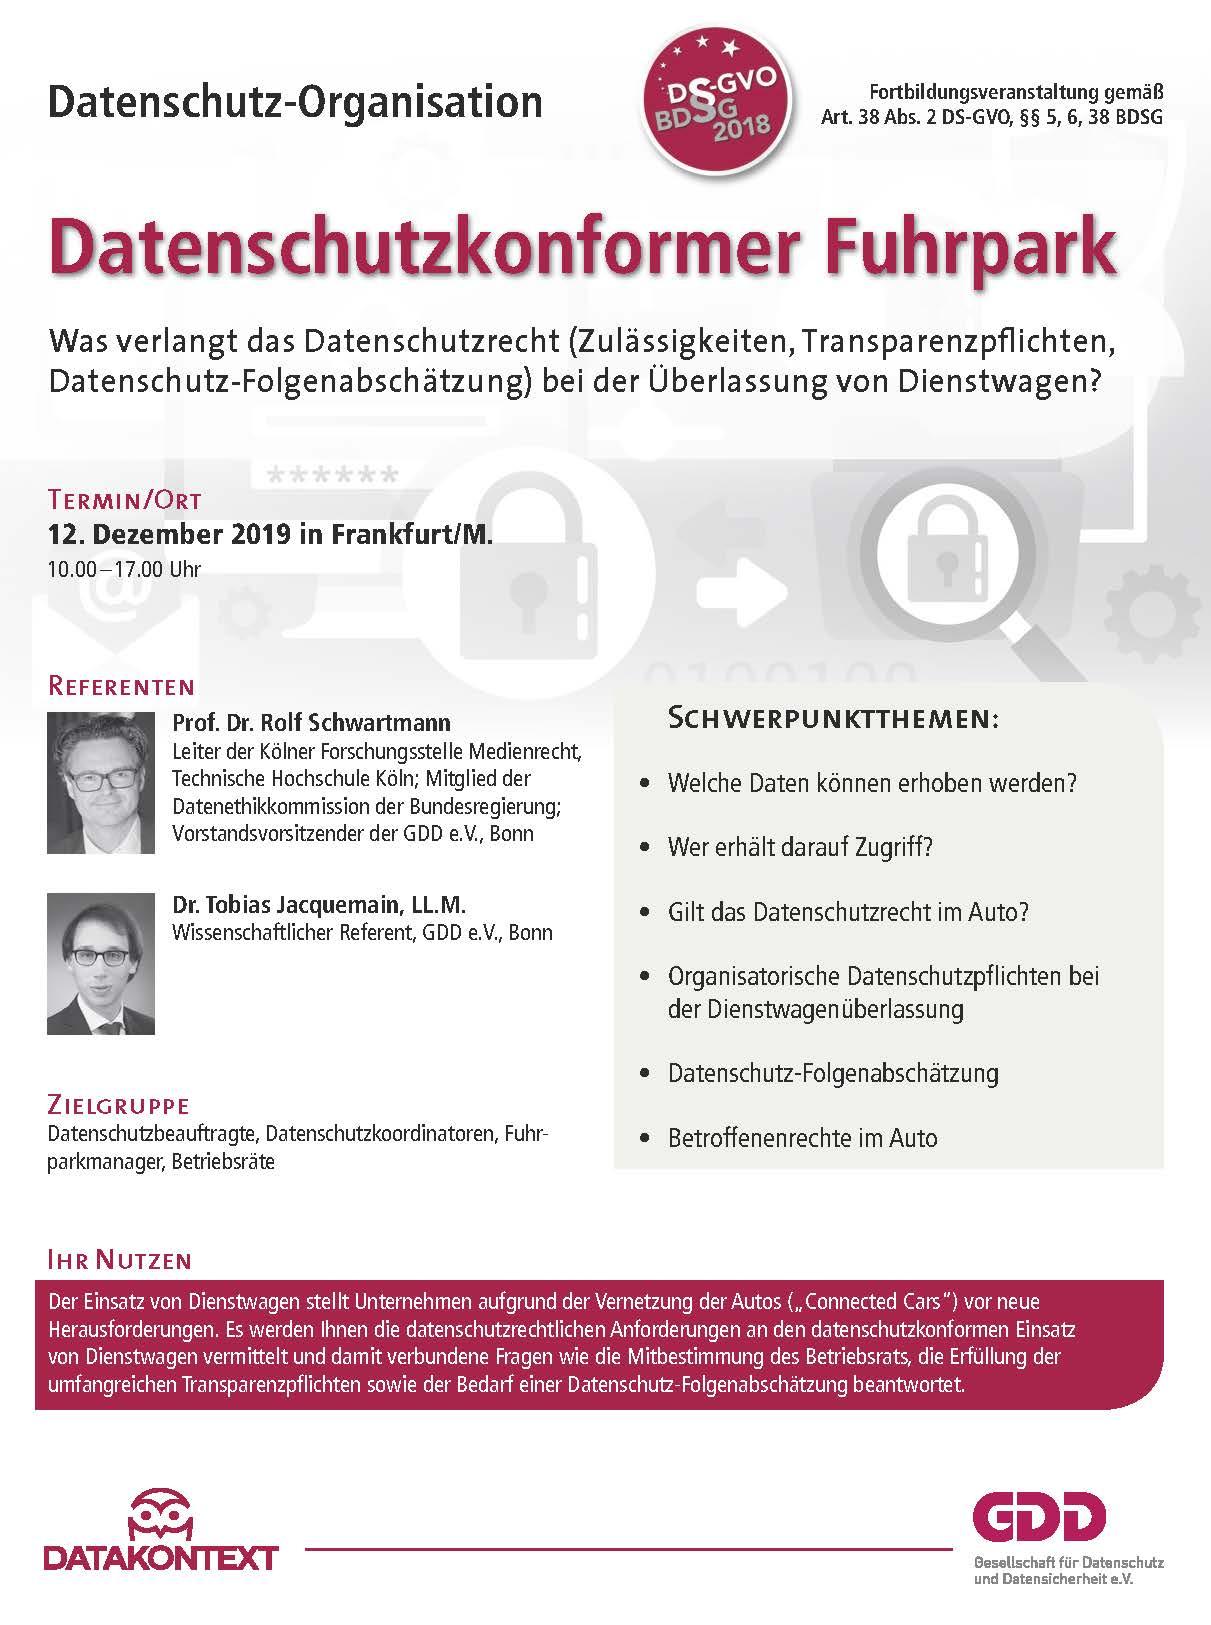 Datenschutzkonformer Fuhrpark